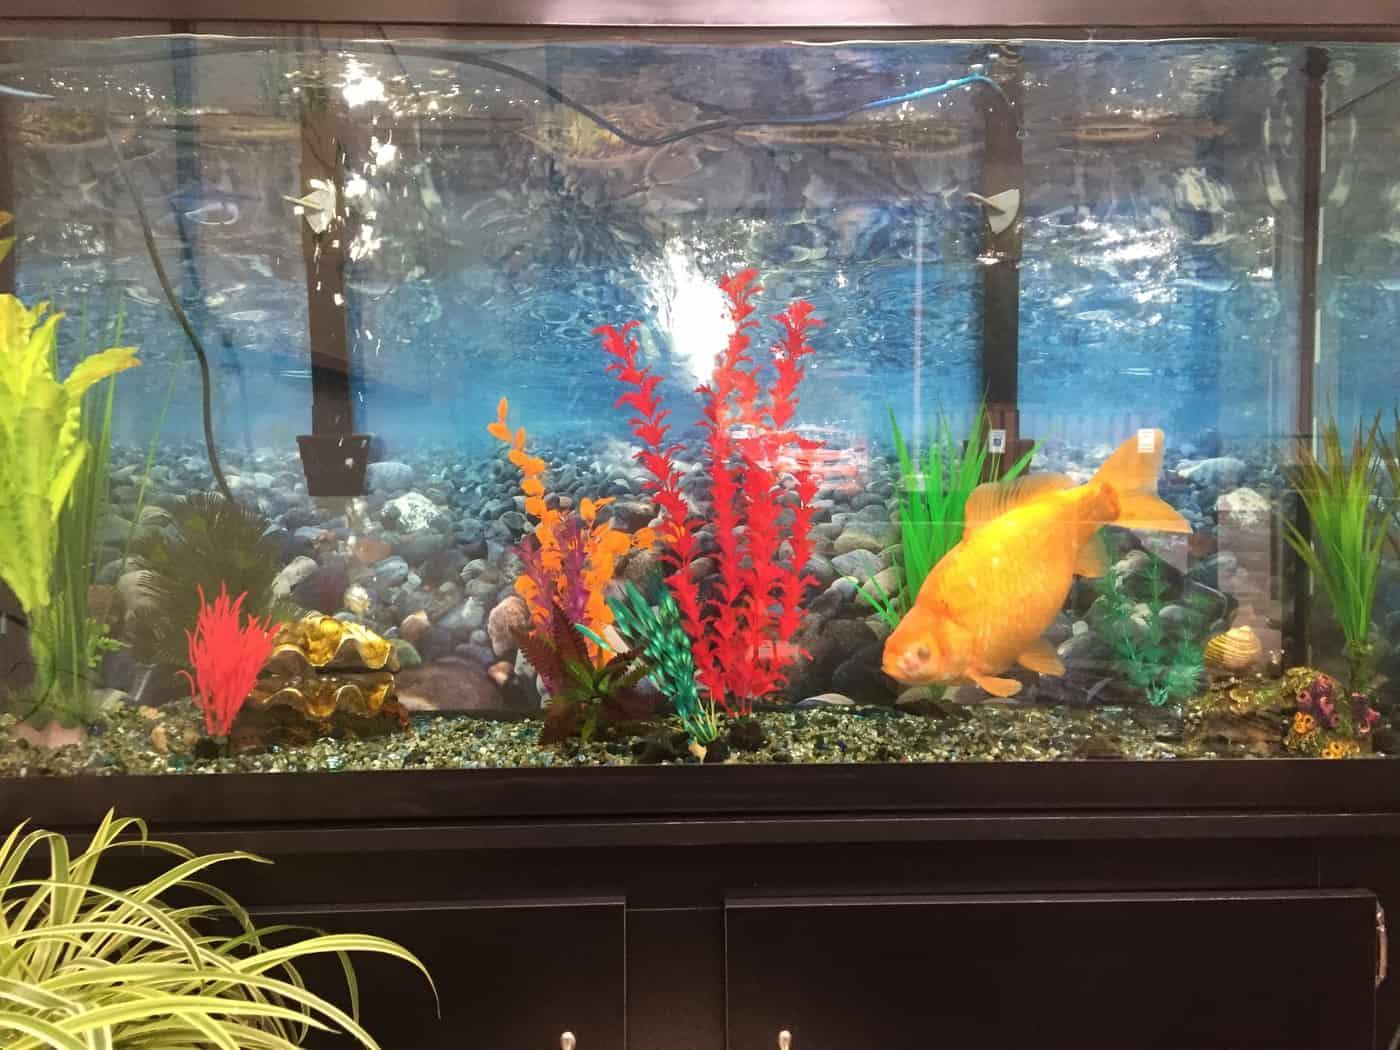 How Many Fish Per Gallon? – Aquatic Veterinary Services